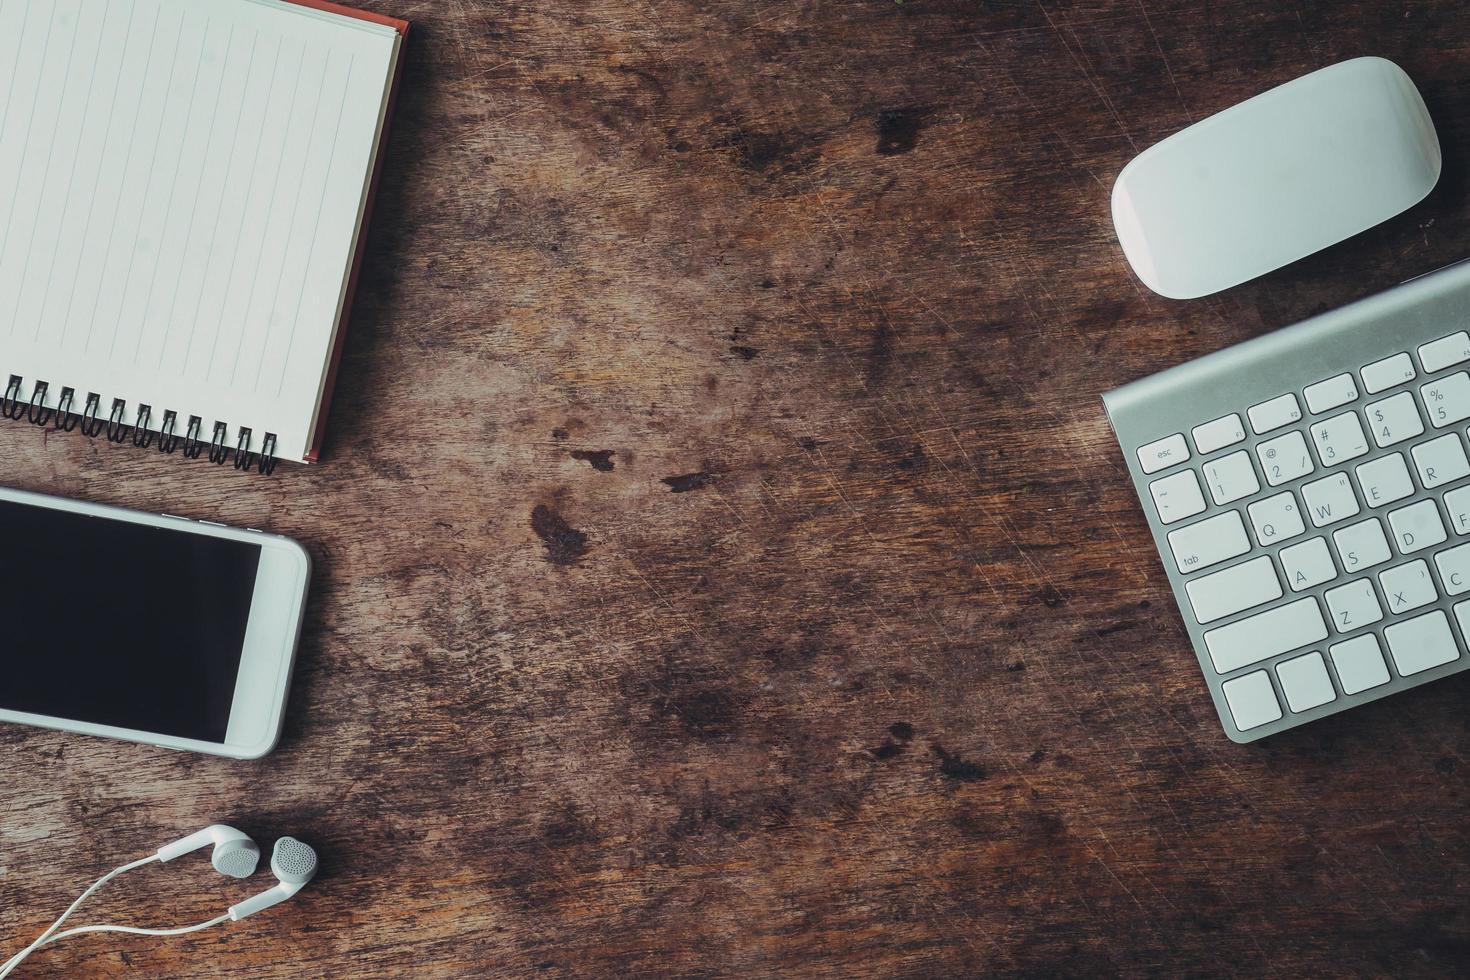 flache Schreibtischlage mit elektronischen Geräten und Notebook foto